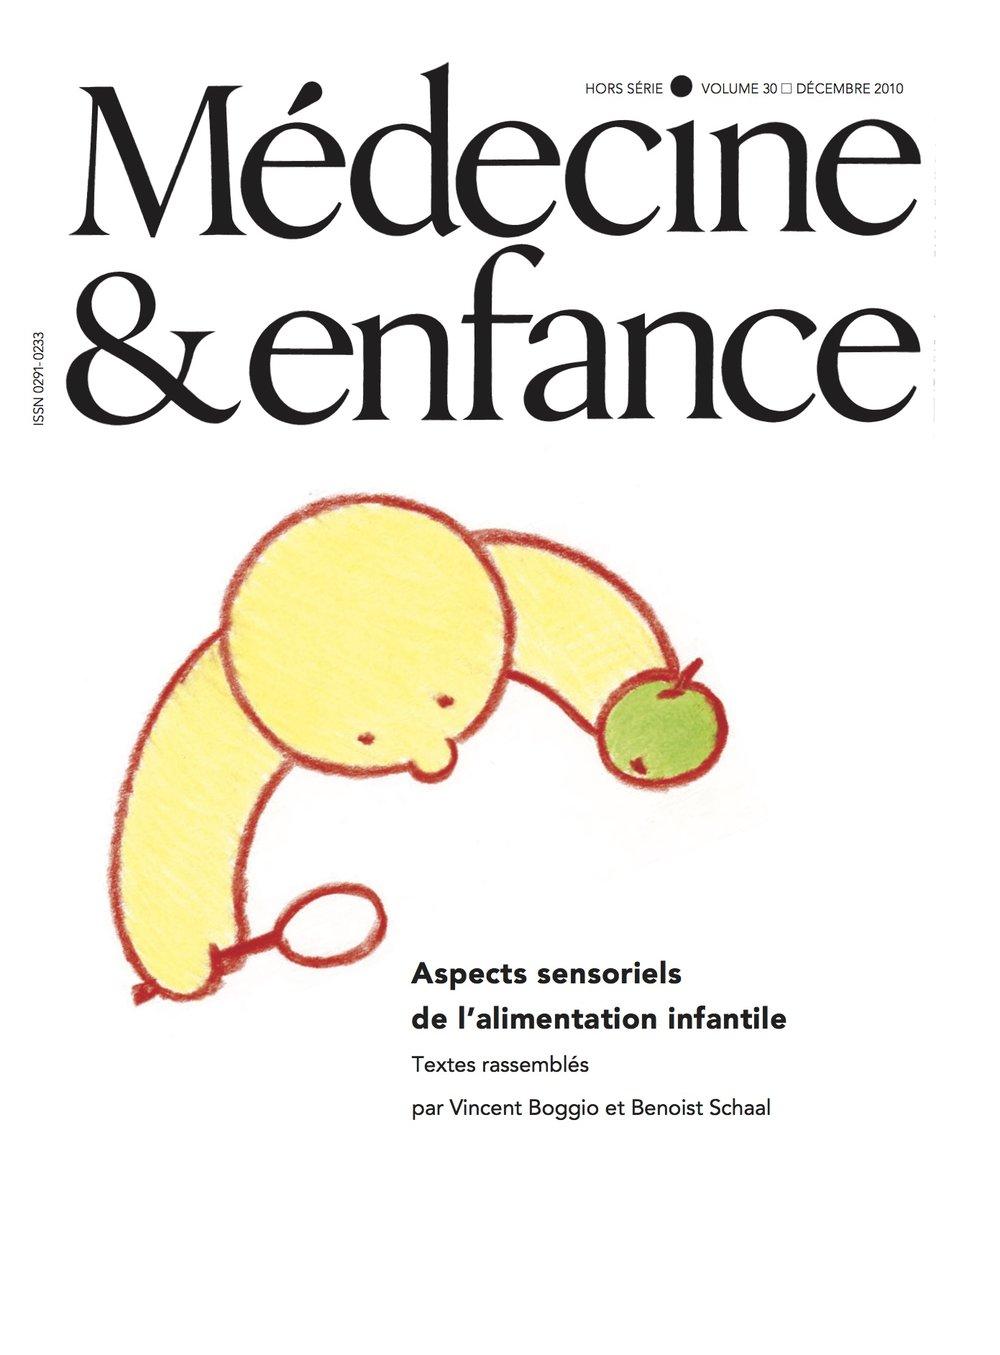 Médecine et enfance.jpg